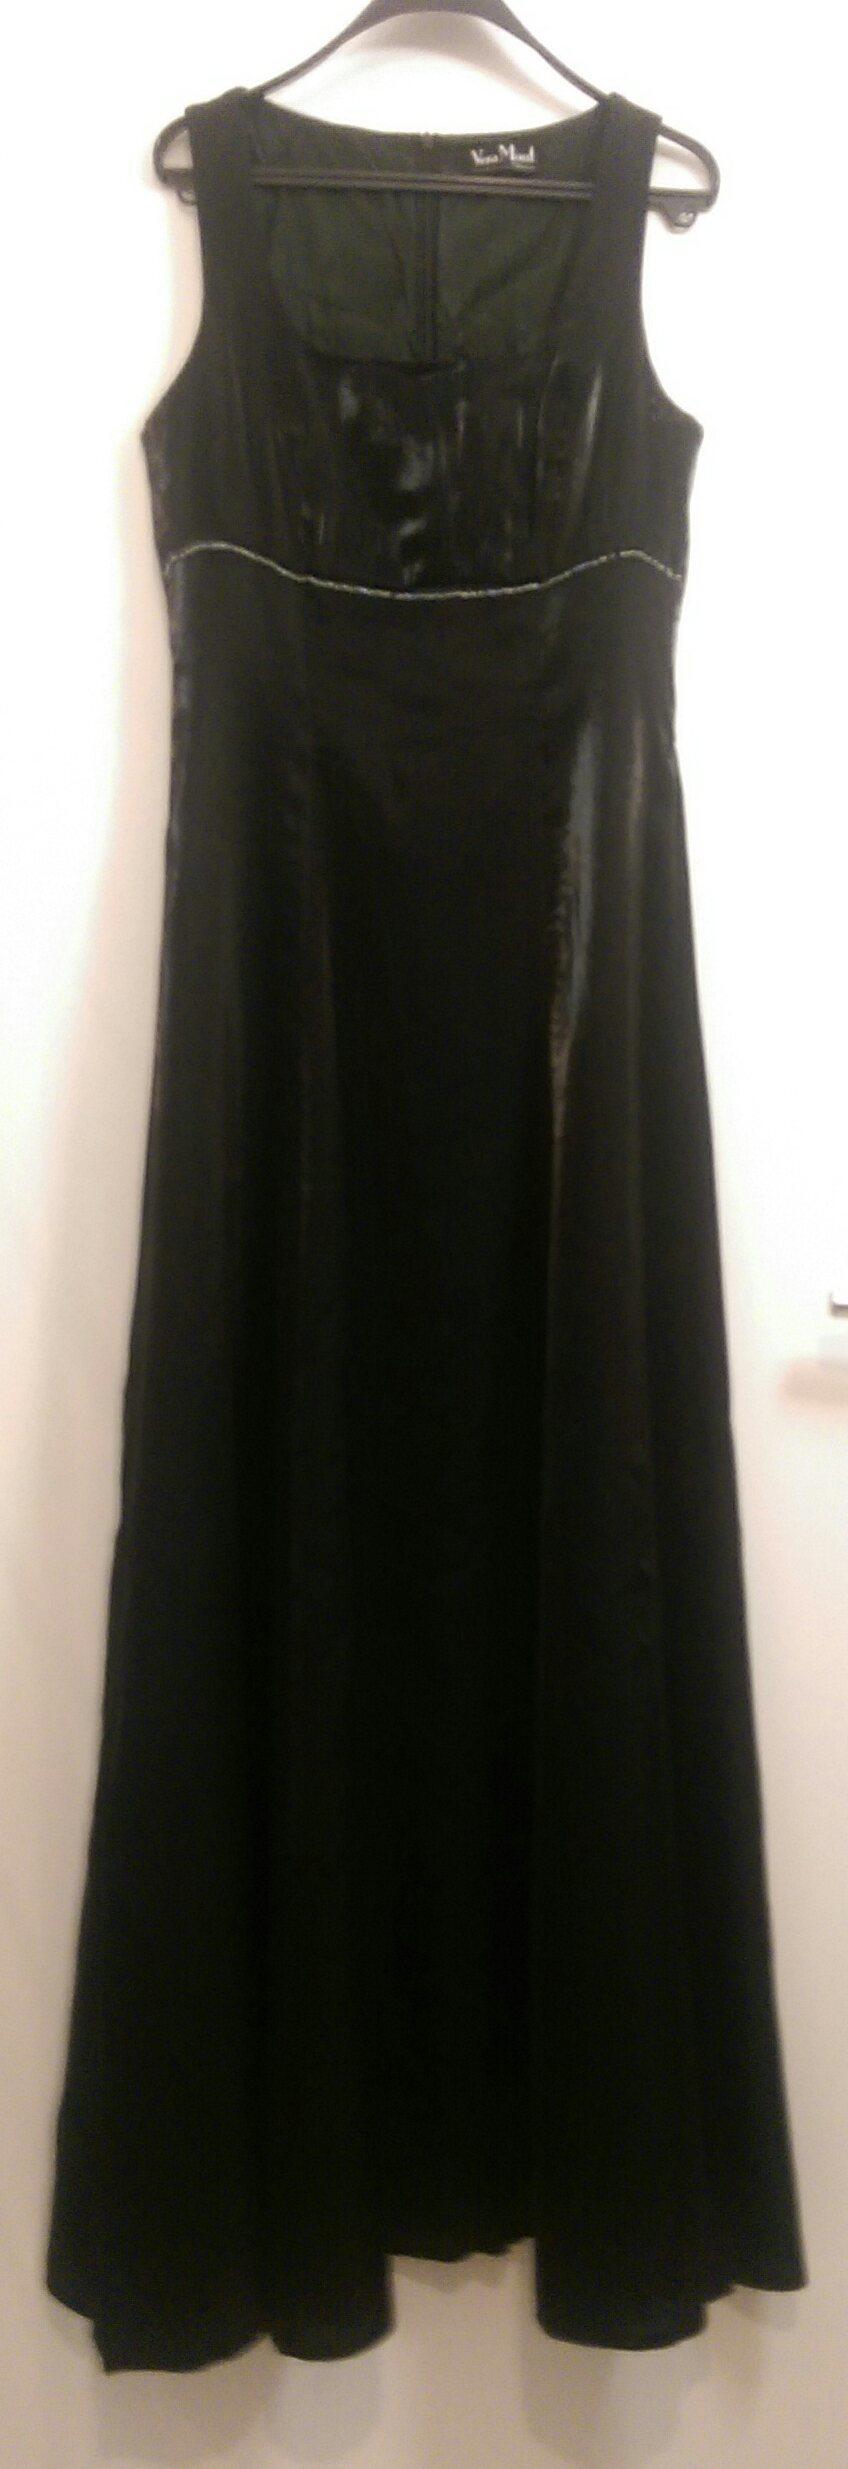 Abendkleid Vera Mont Gr. 36 schwarz zu kaufen bei Fairmondo